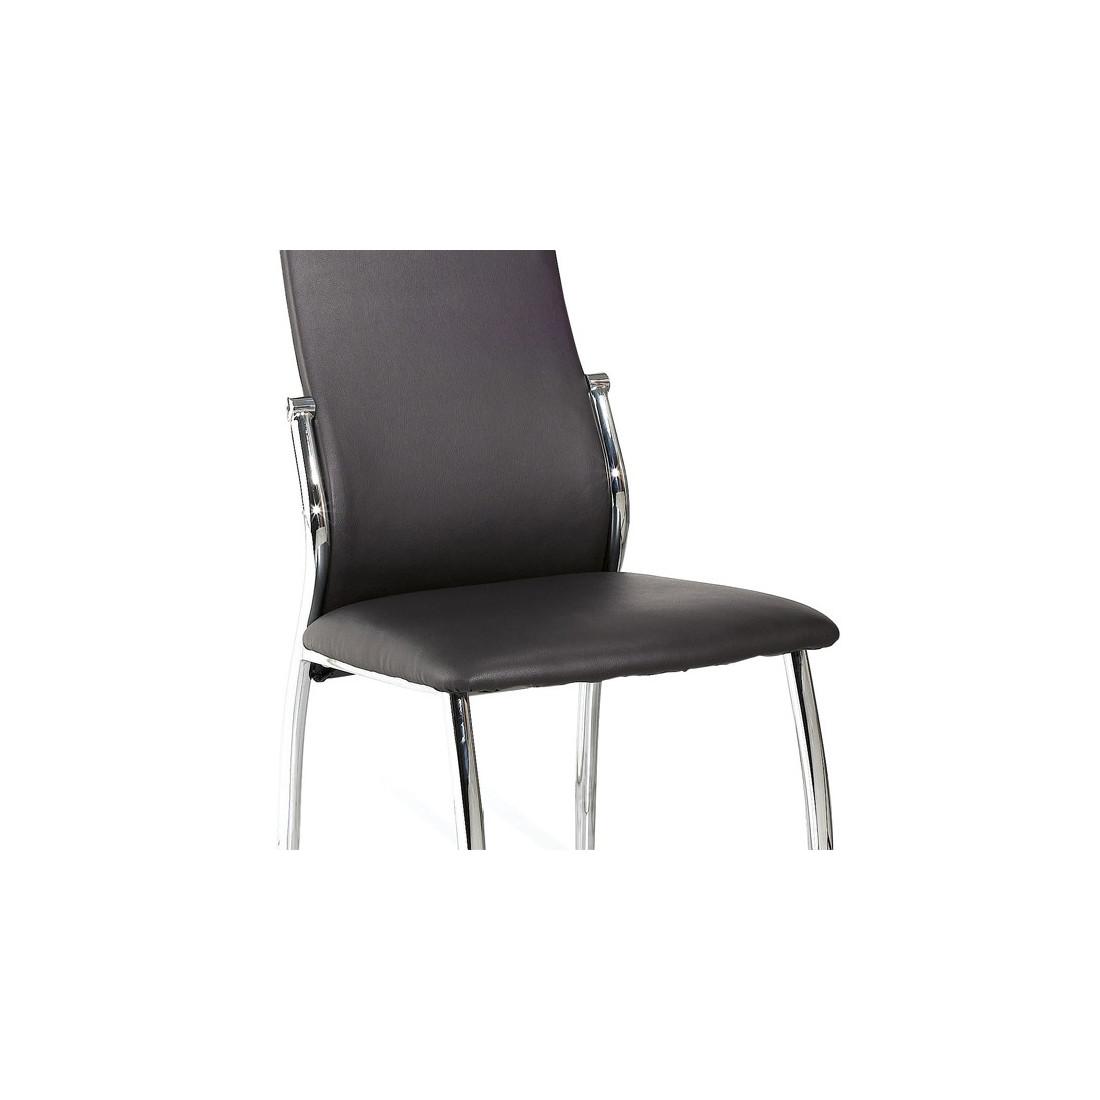 Chaises simili cuir conceptions de maison for Chaise de salle a manger simili cuir